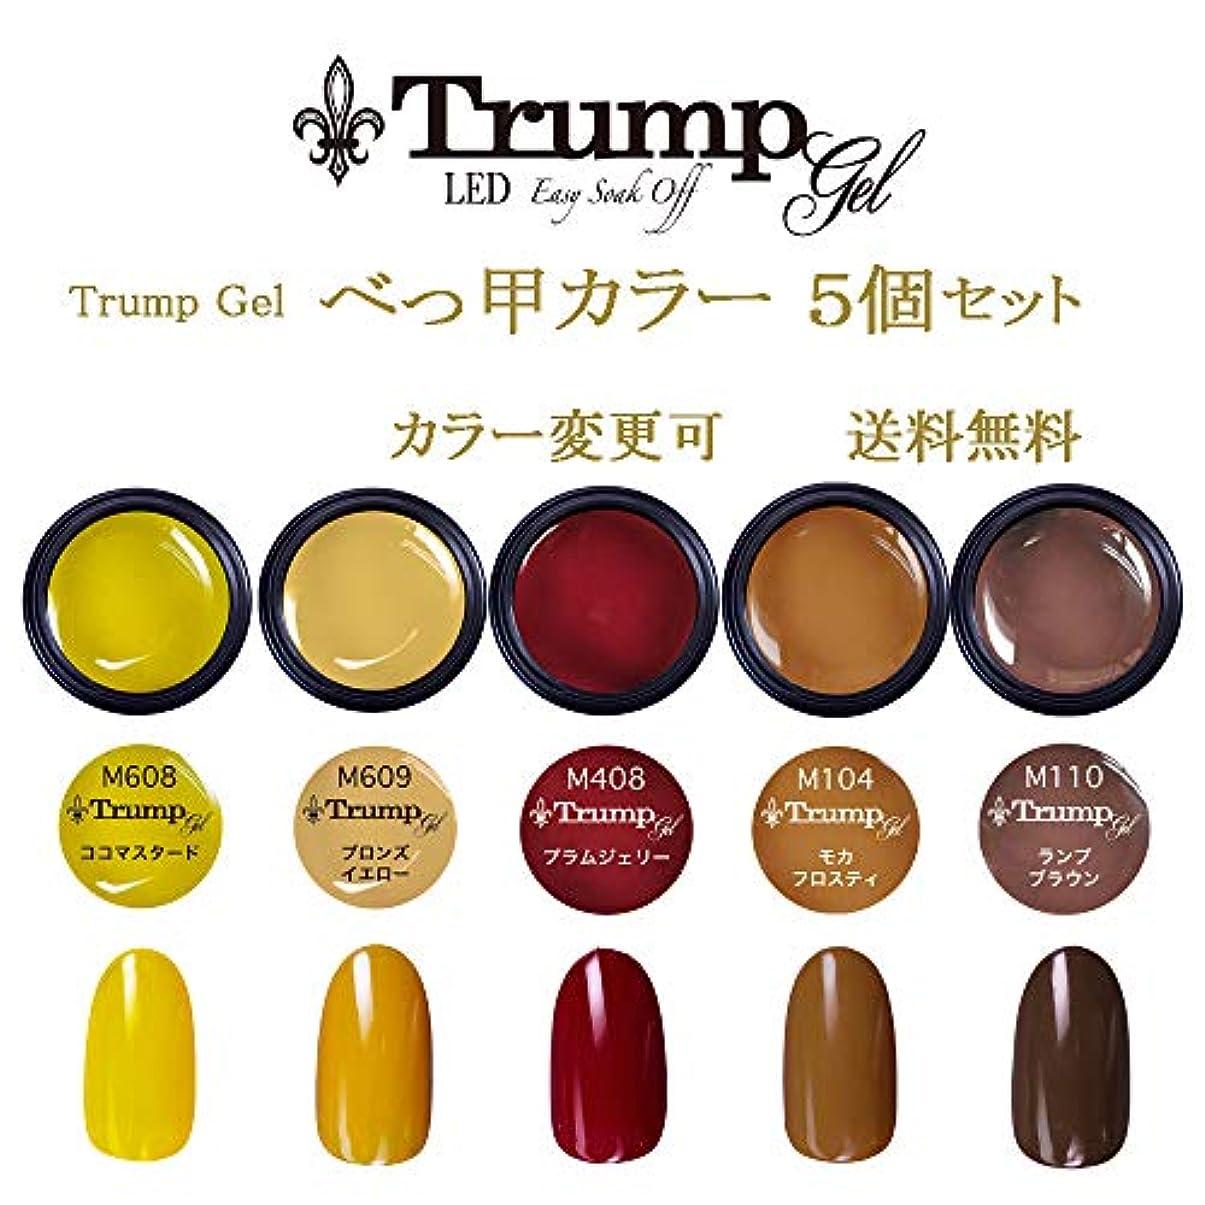 人事障害者開発【送料無料】日本製 Trump gel トランプジェル べっ甲カラー ブラウン系 選べる カラージェル 5個セット べっ甲ネイル ベージュ ブラウン マスタード カラー